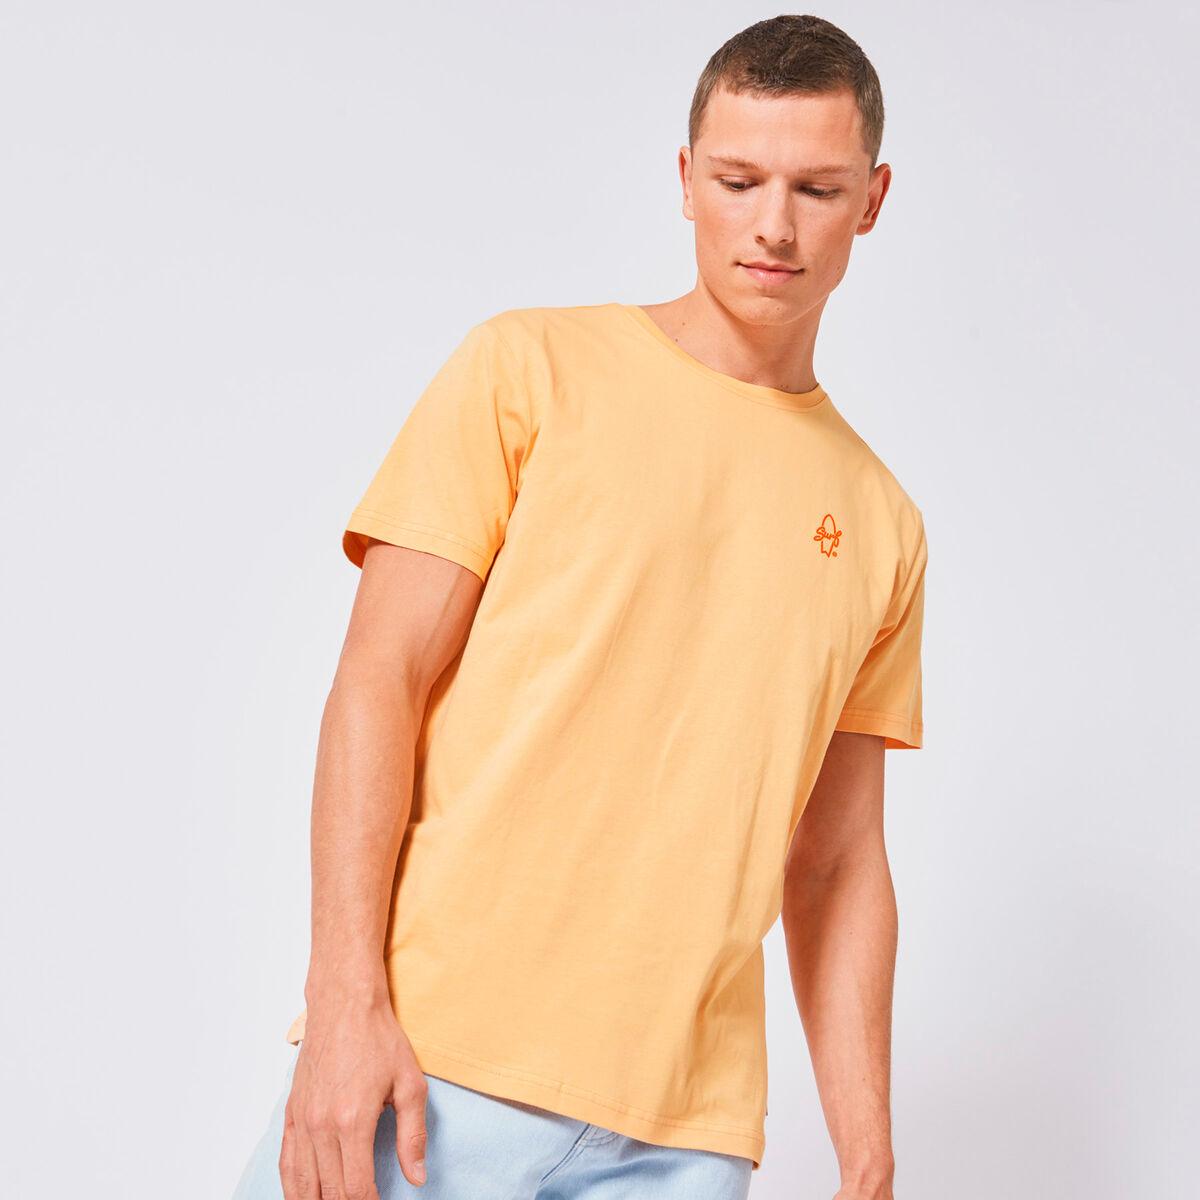 eca4580a2c53 Men T-shirt Eon Coconut Pink Buy Online | America Today